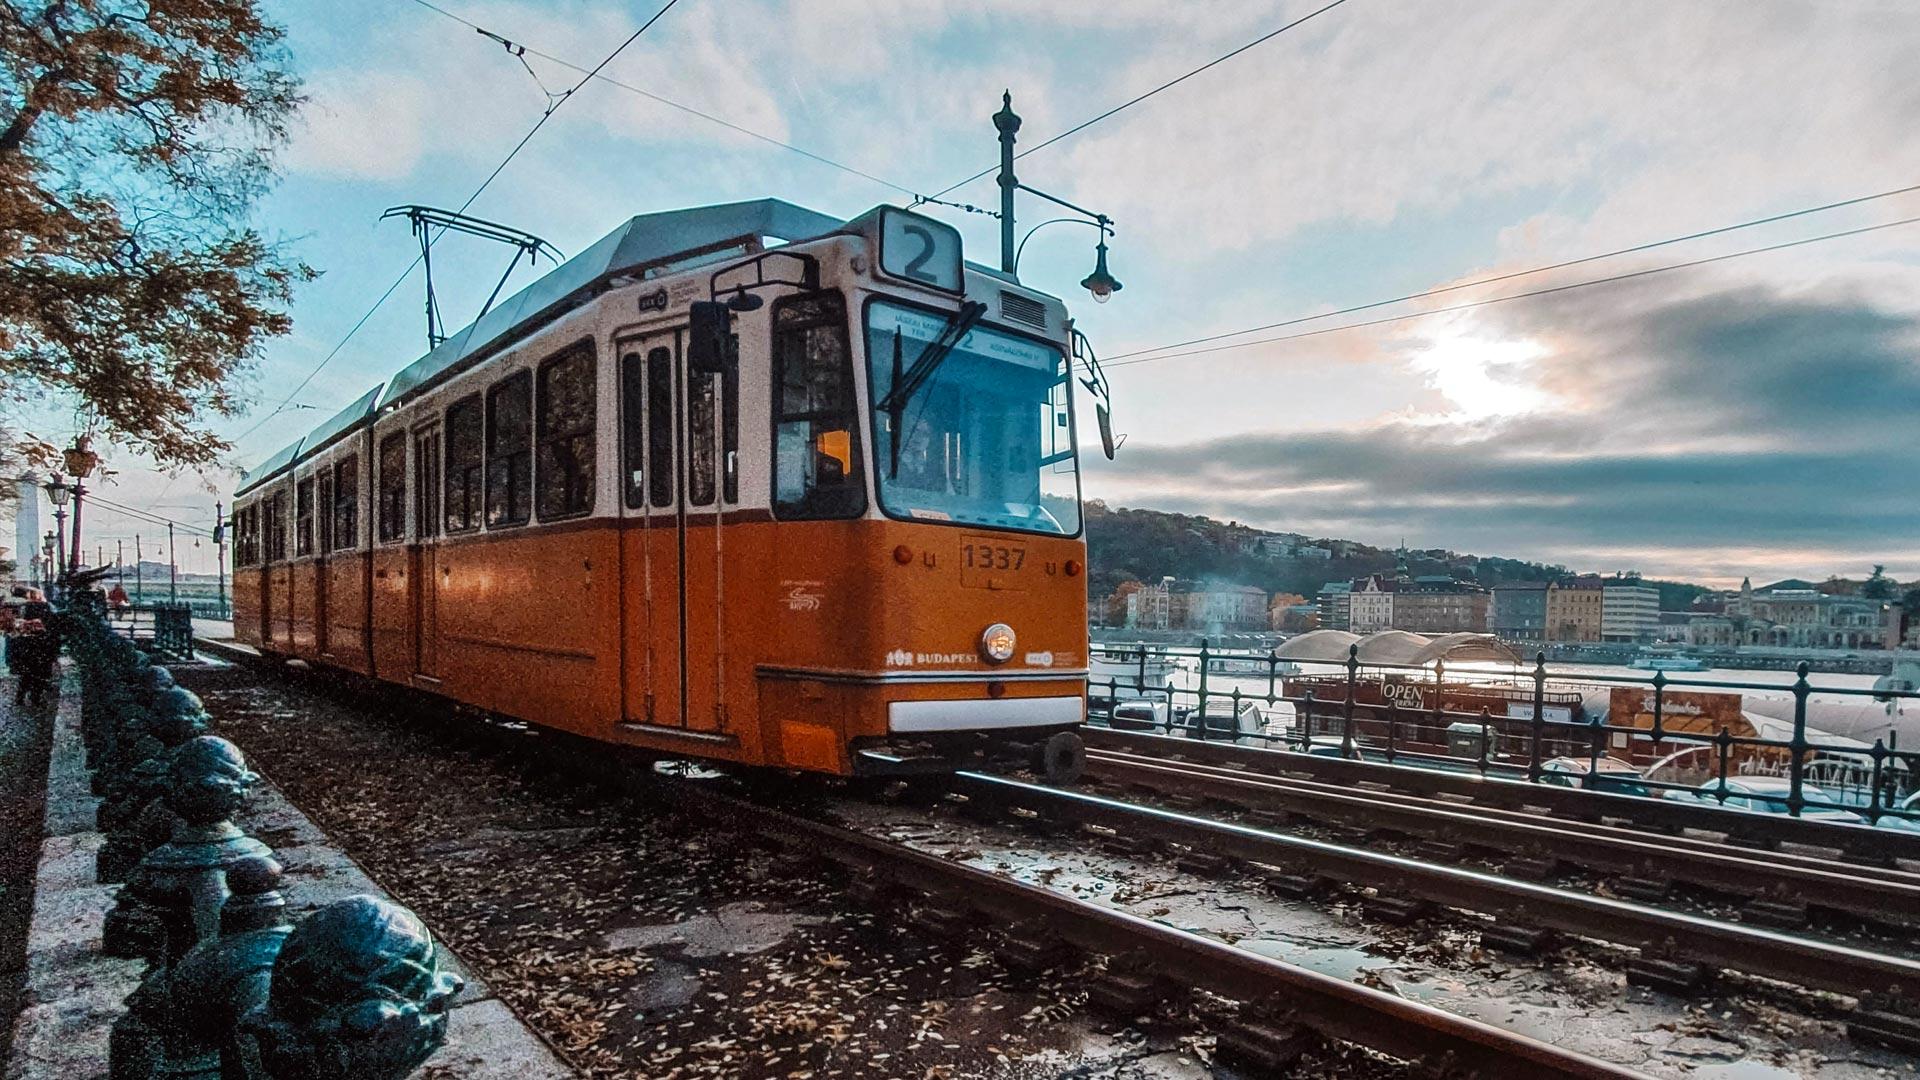 Czy warto do Budapesztu? Dlaczego warto jechać do Budapesztu?